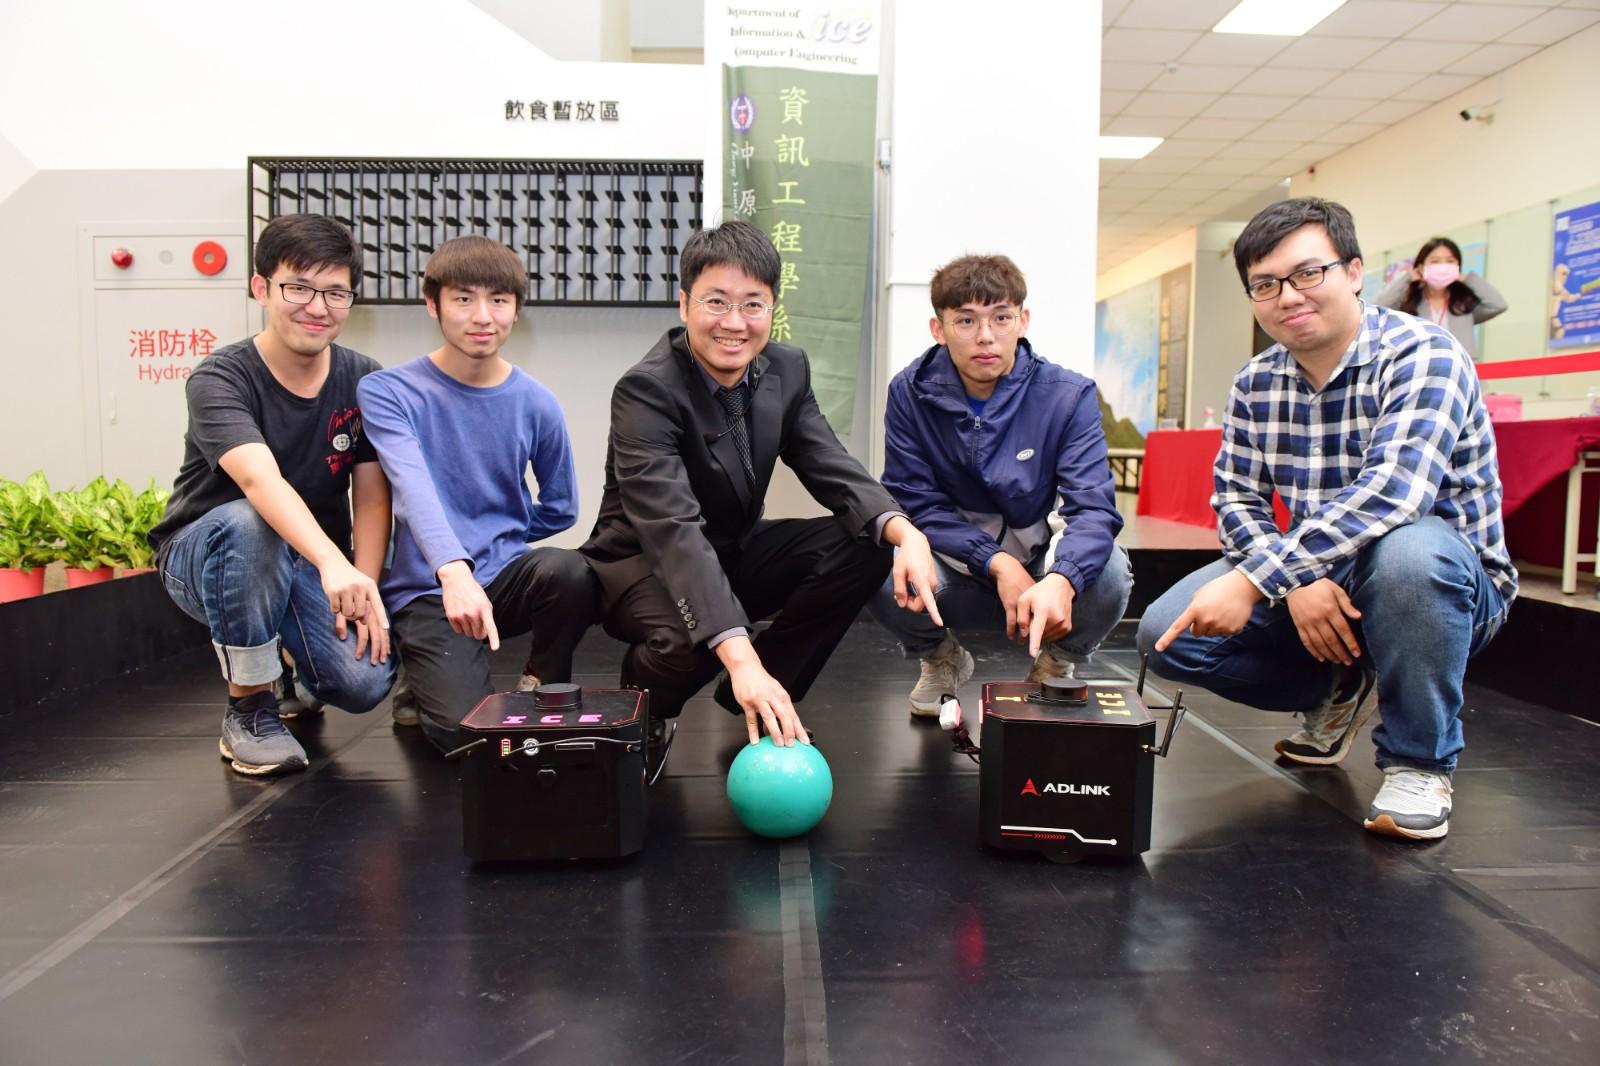 中原資工將設置全台首創AI機器人5G專網實驗室,師生對先進設備與課程充滿期待。.jpg